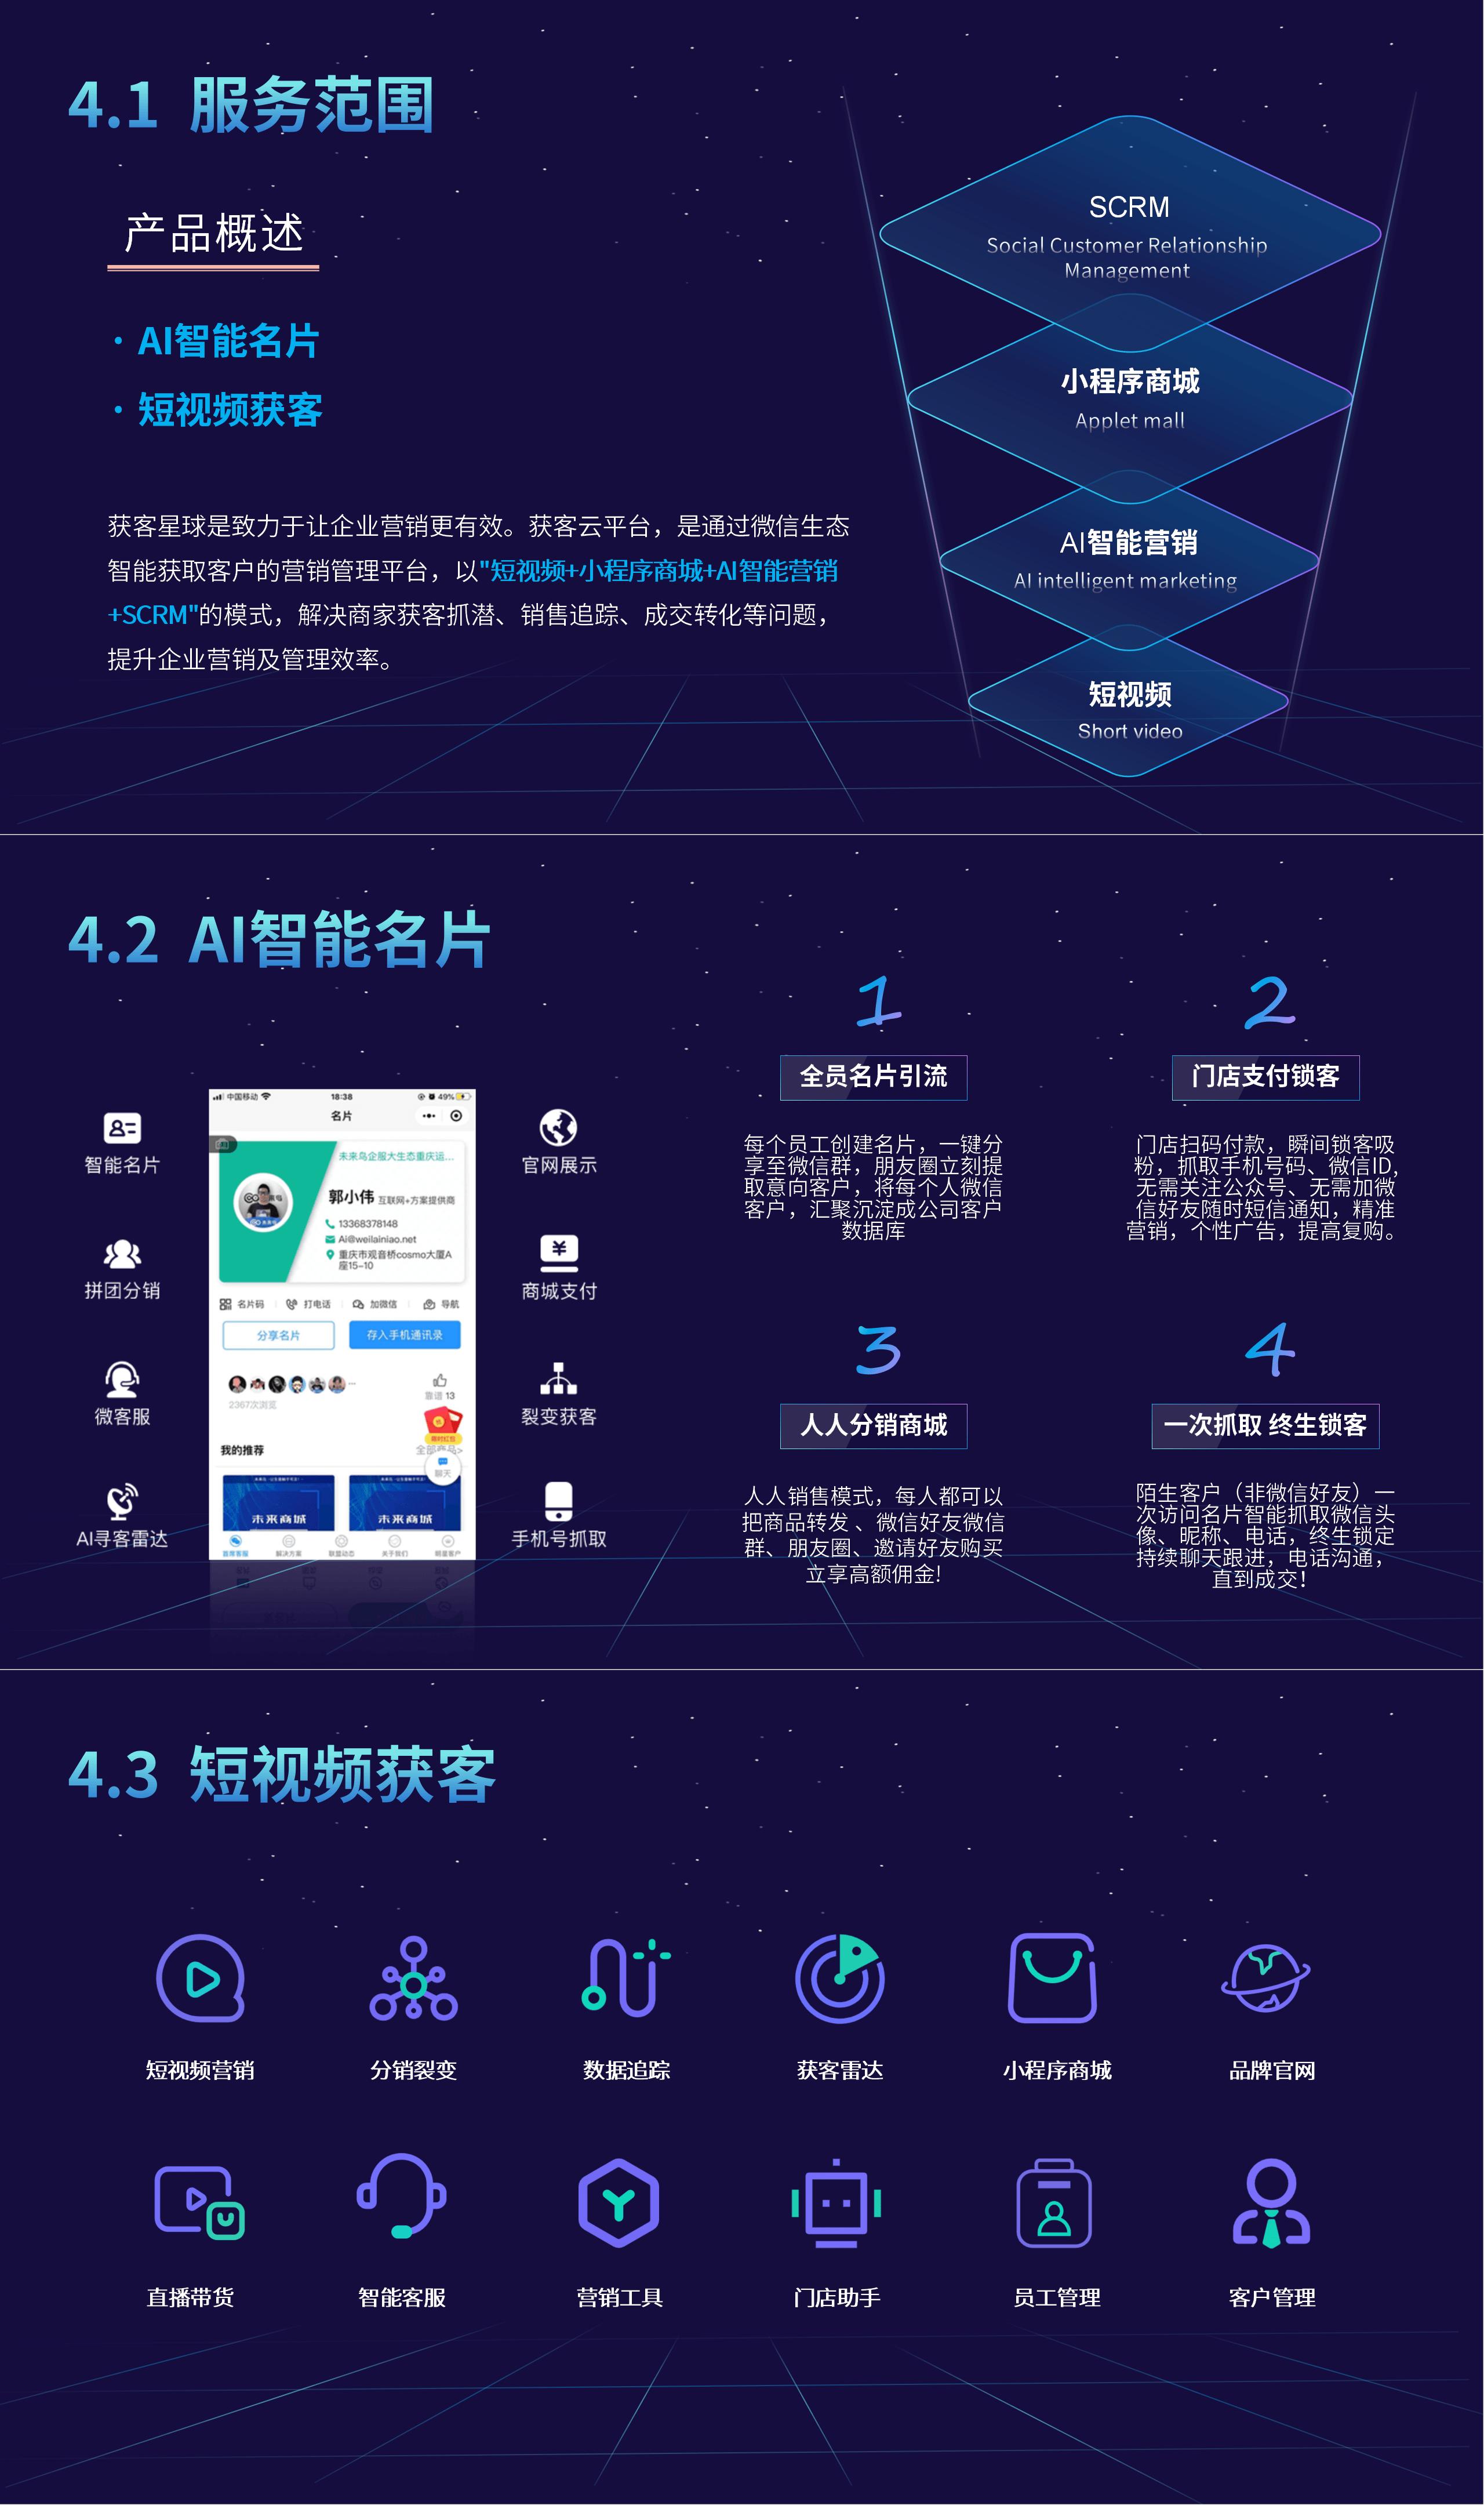 未来鸟(重庆)科技有限公司(横版) (1).png